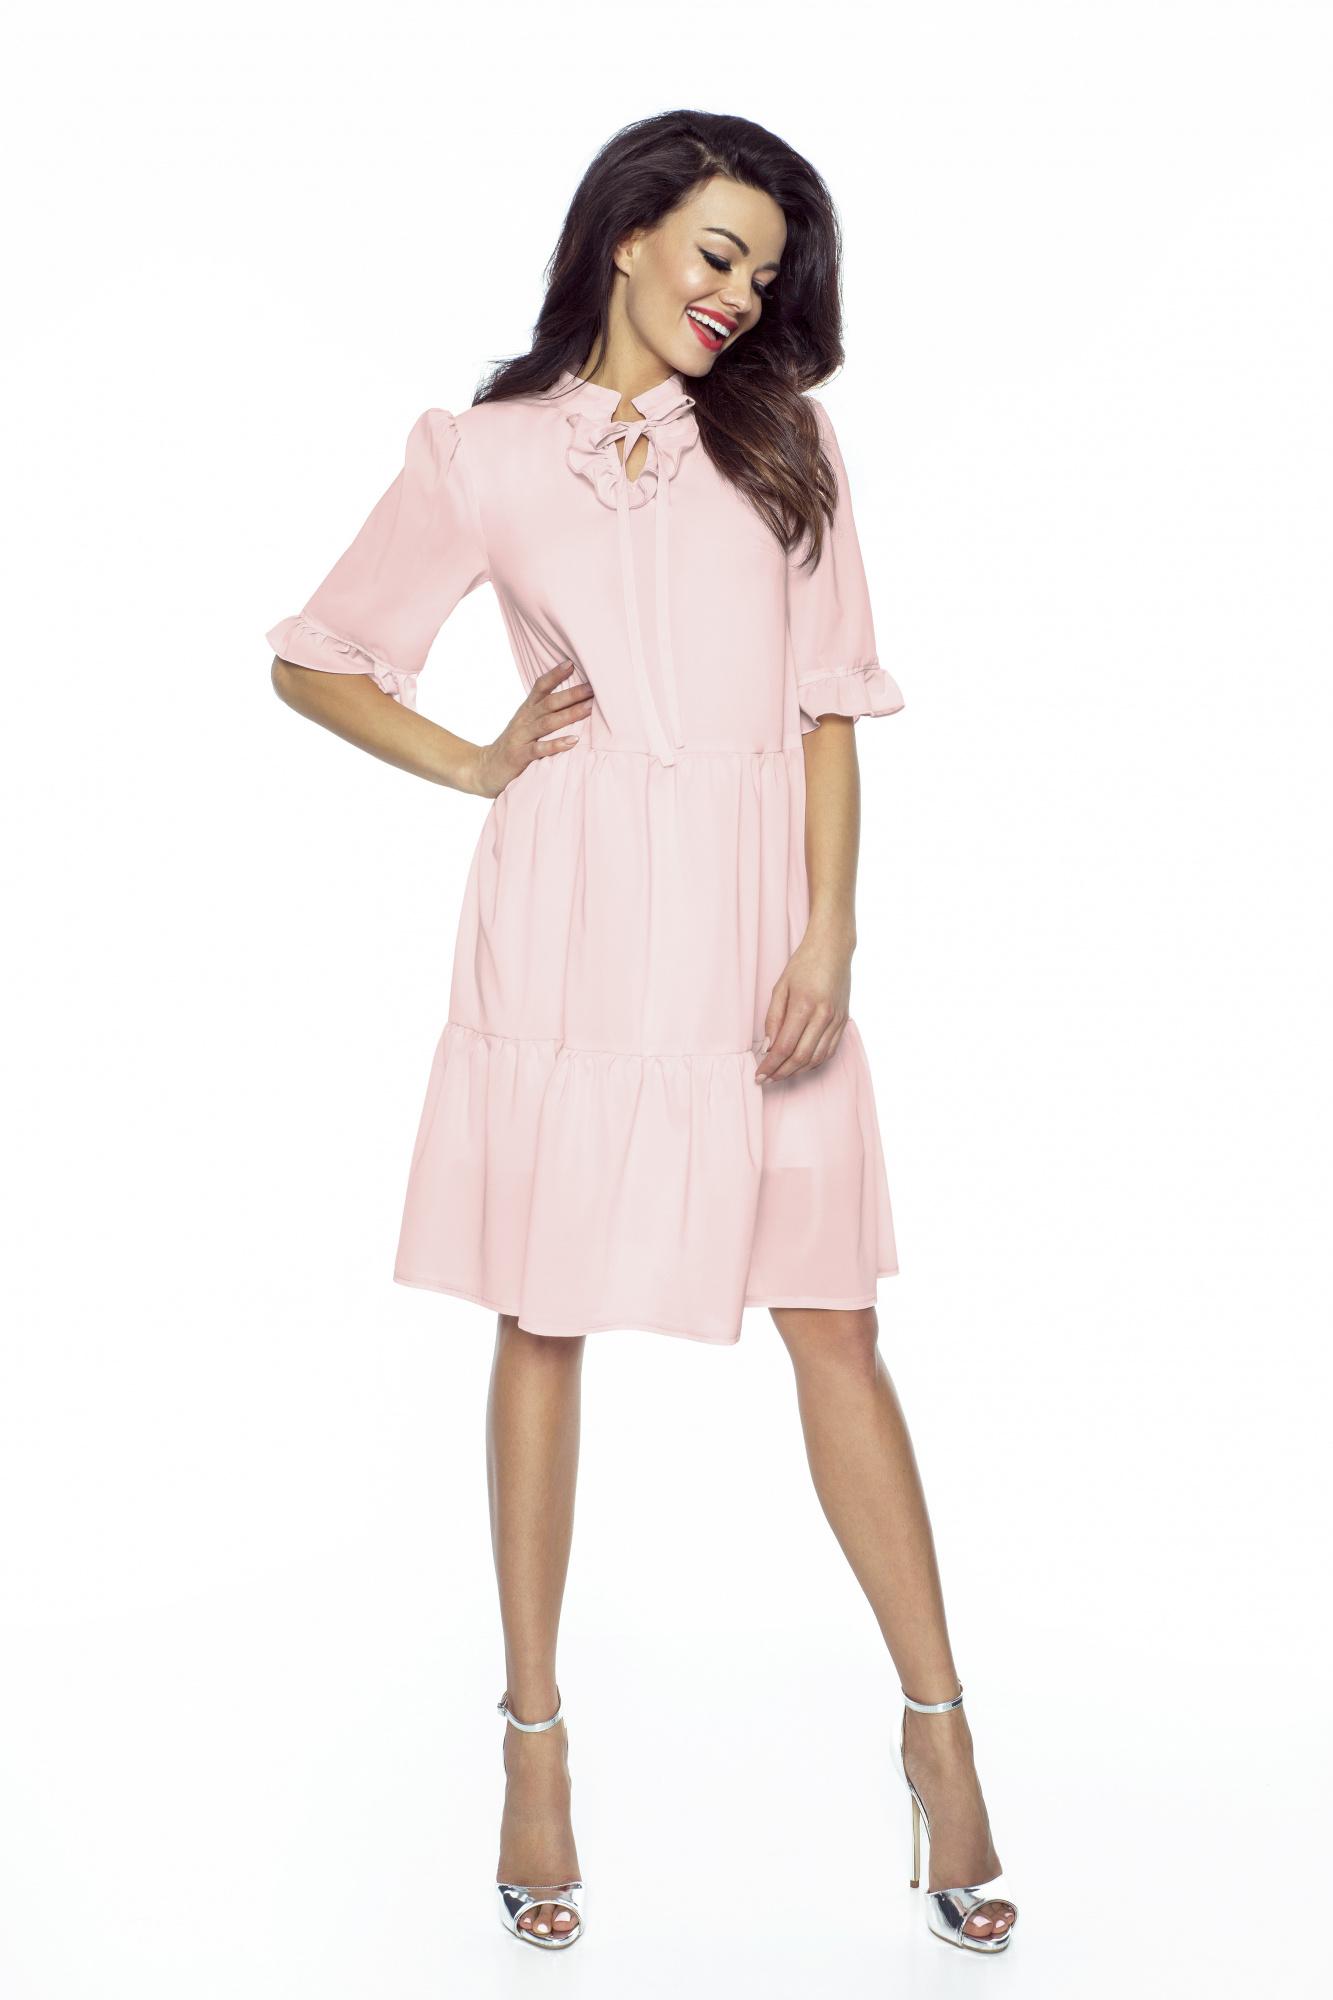 f1779ff7185191 Luźna sukienka z szyfonu boho km228-4 - ❤ Kartes-Moda ❤